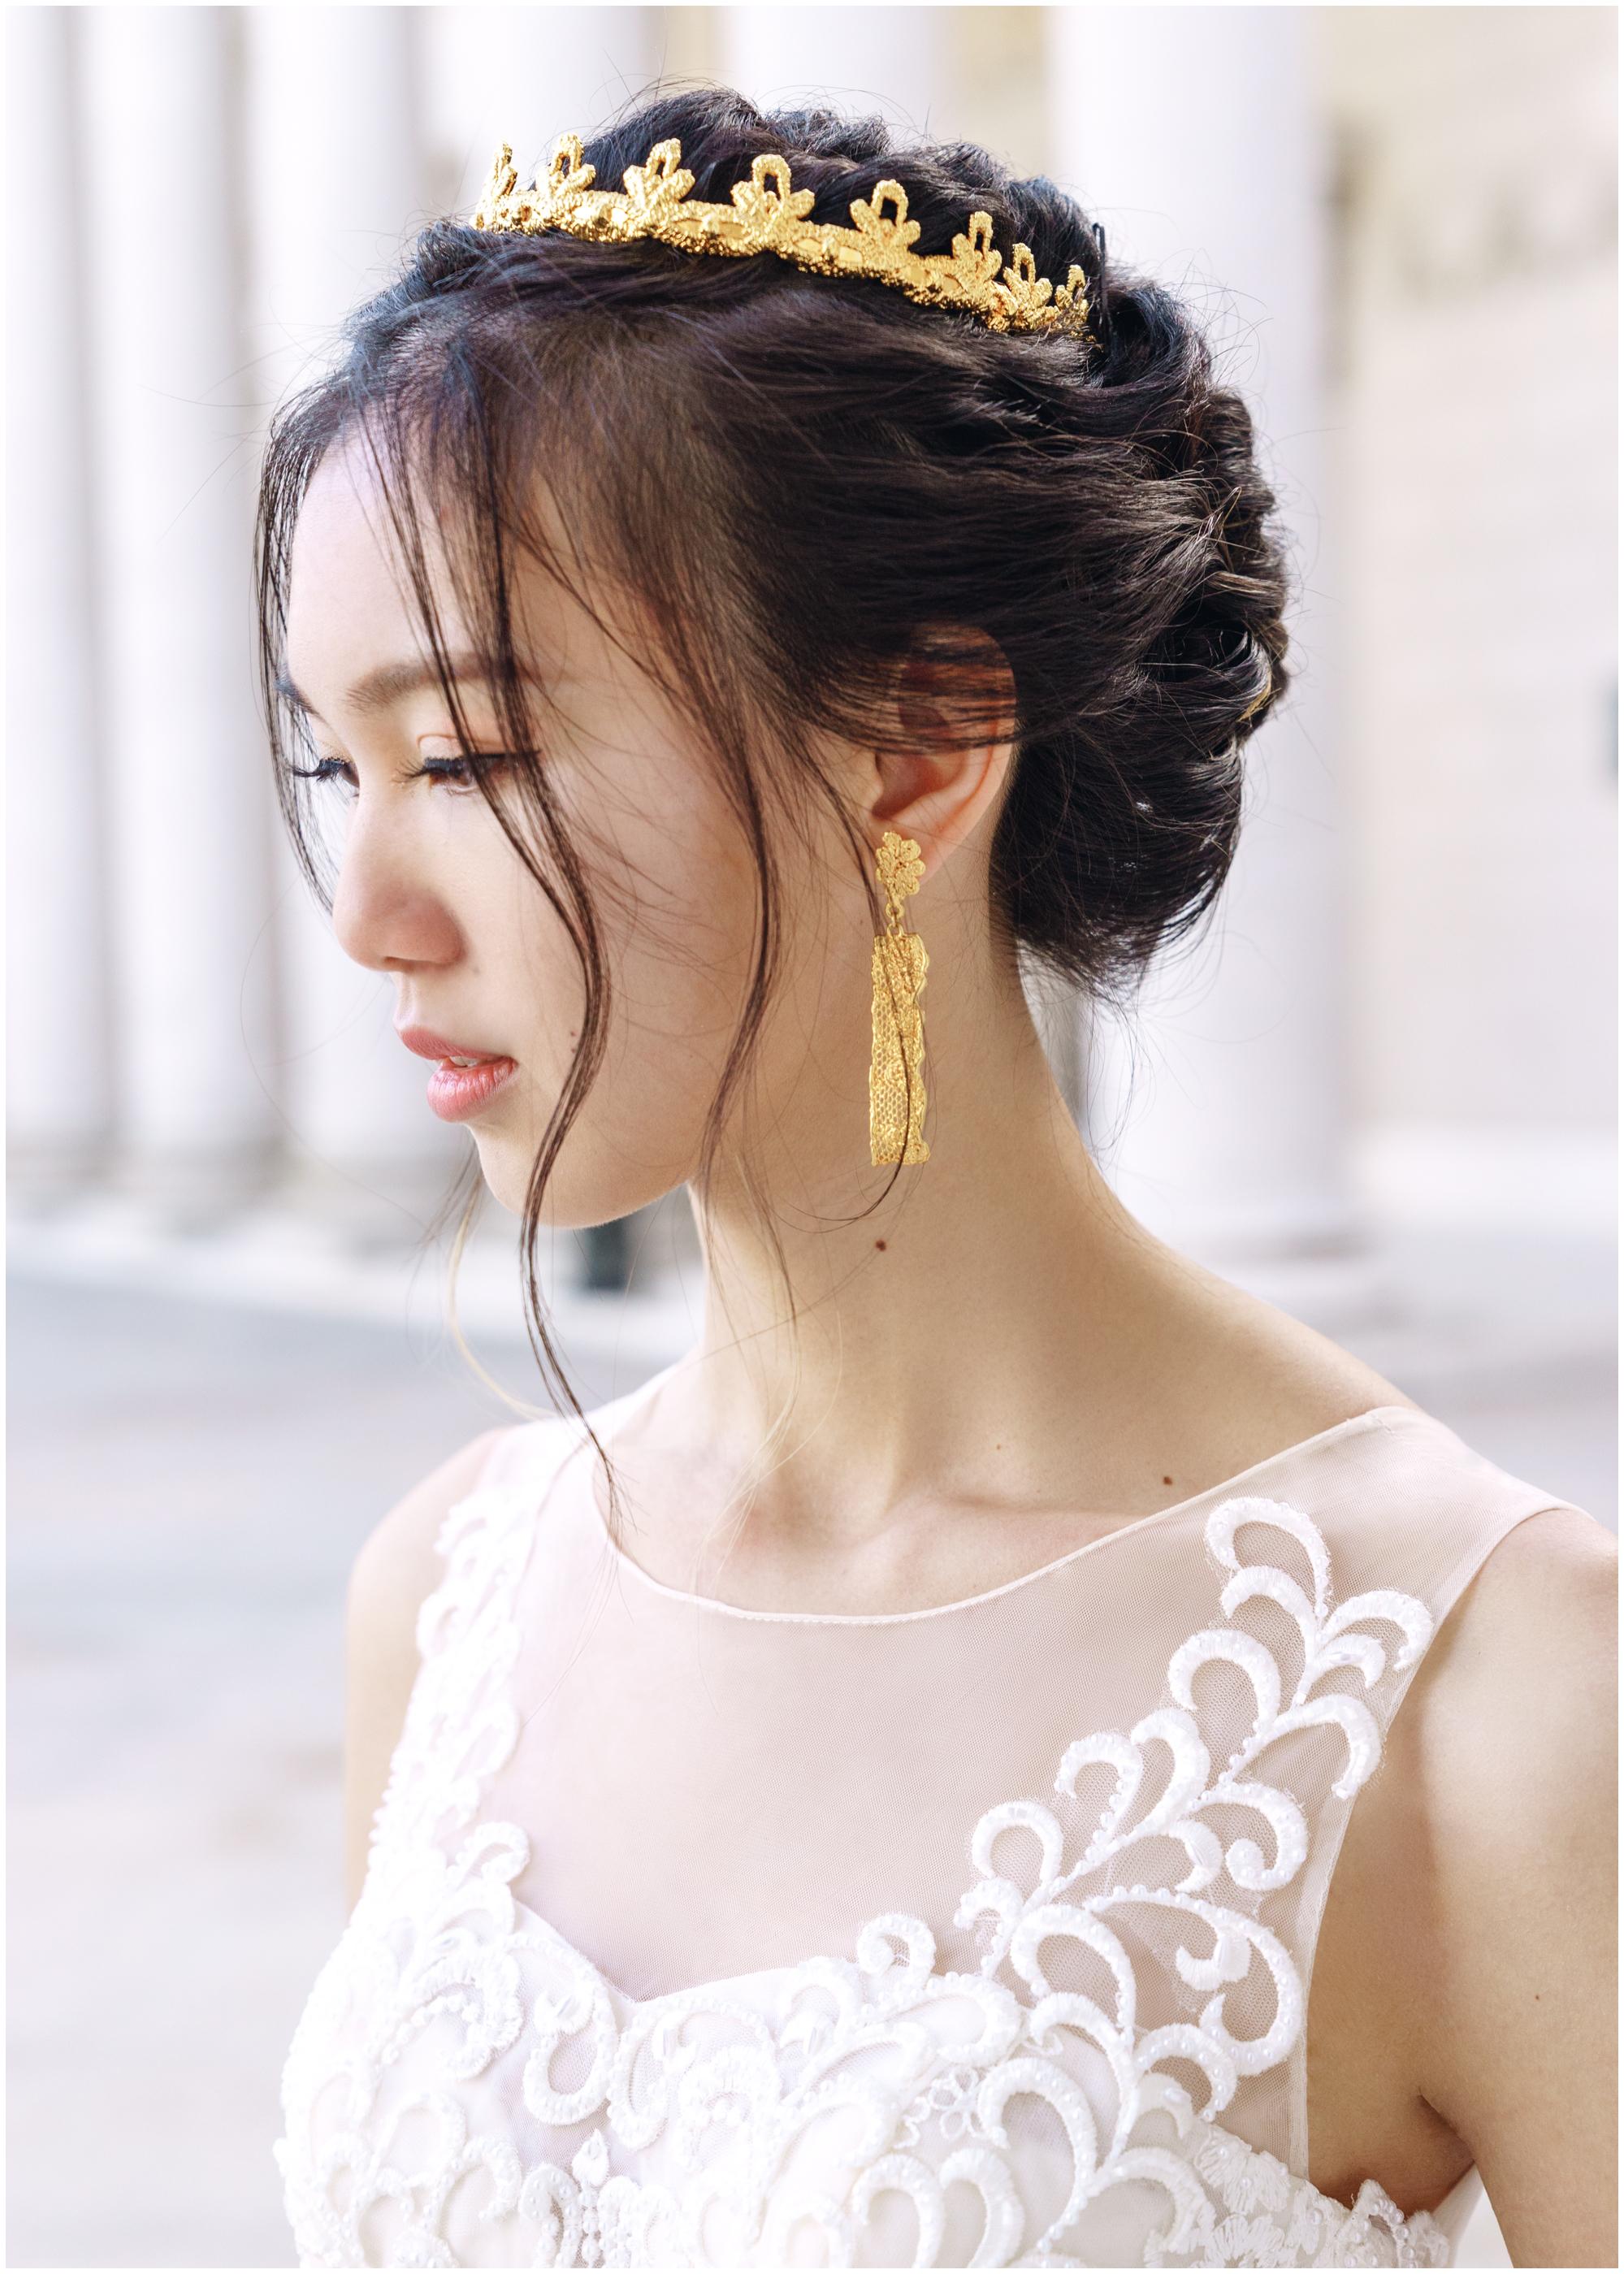 San Francisco Wedding Photographer - Pinnel Photography I&V V-06.jpg